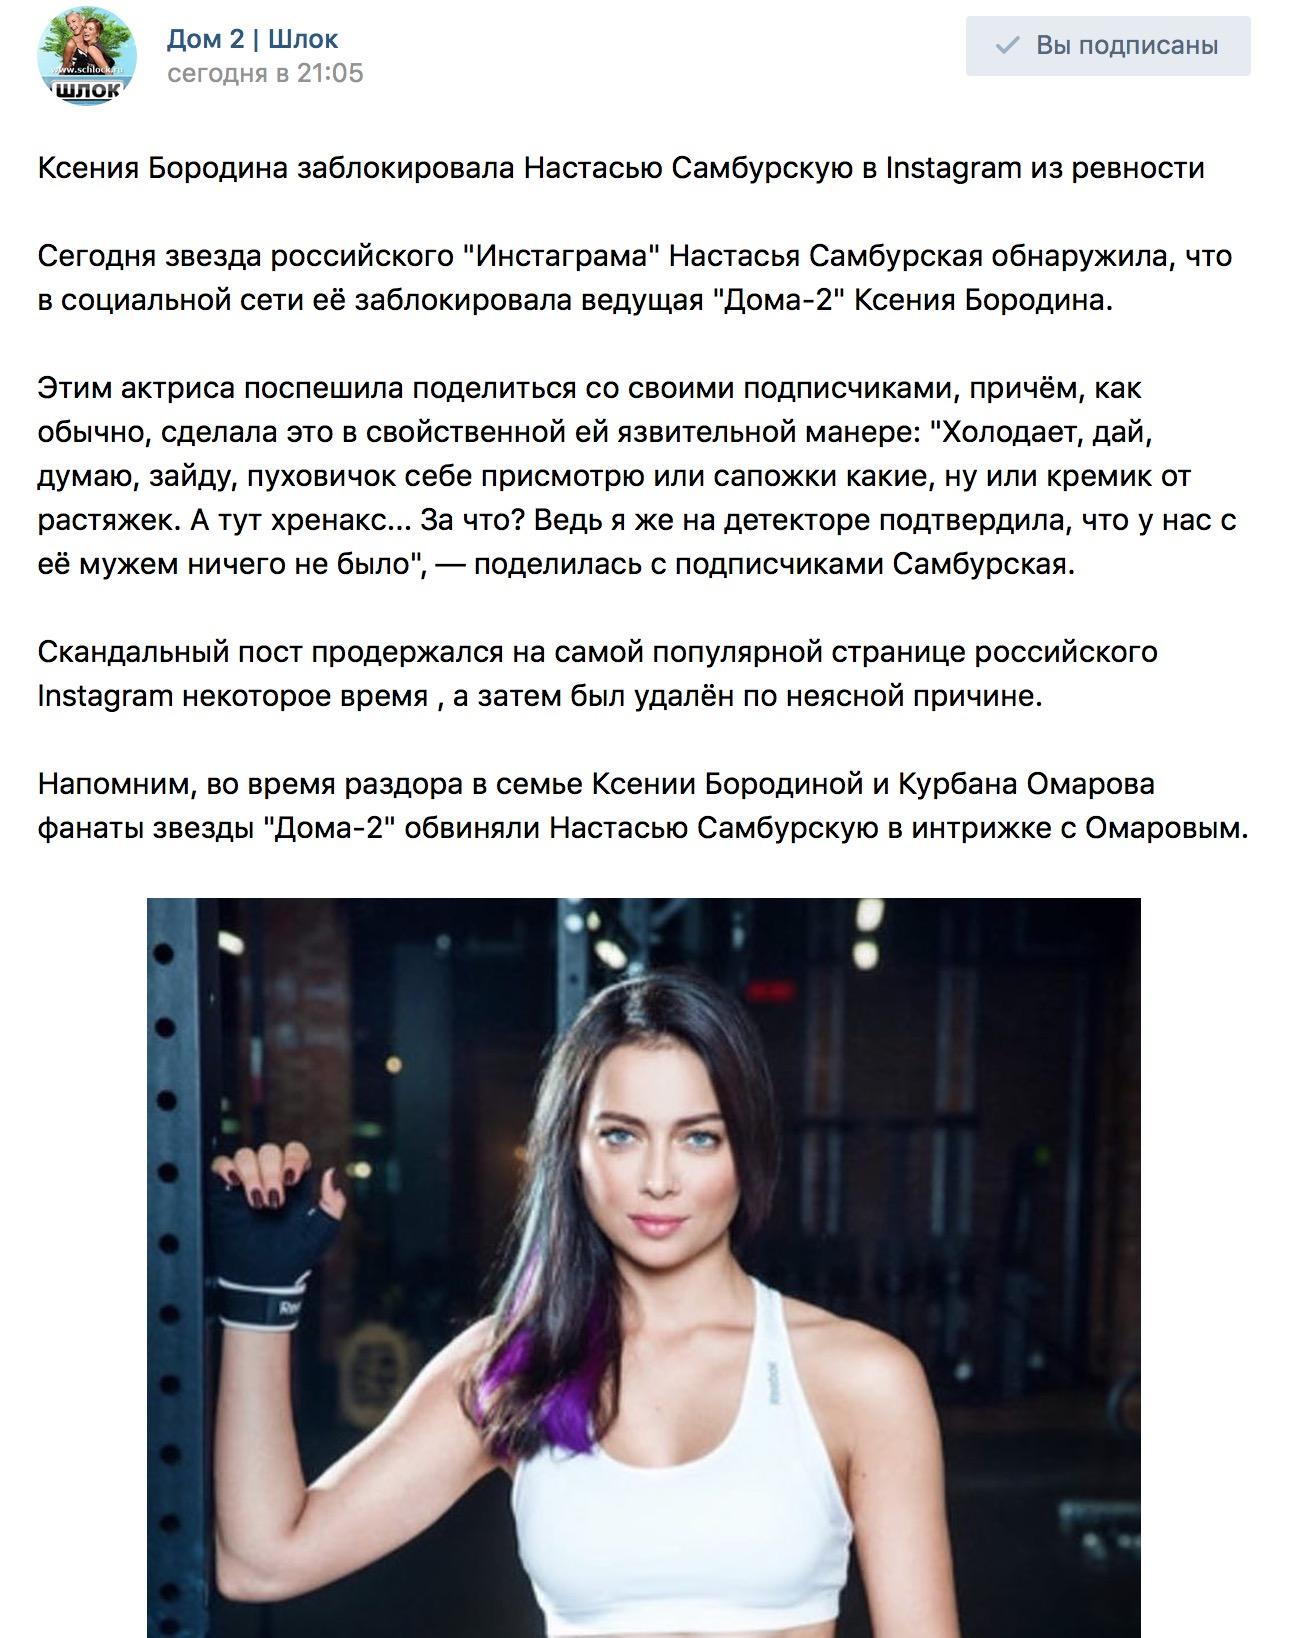 Ксения Бородина заблокировала Настасью Самбурскую